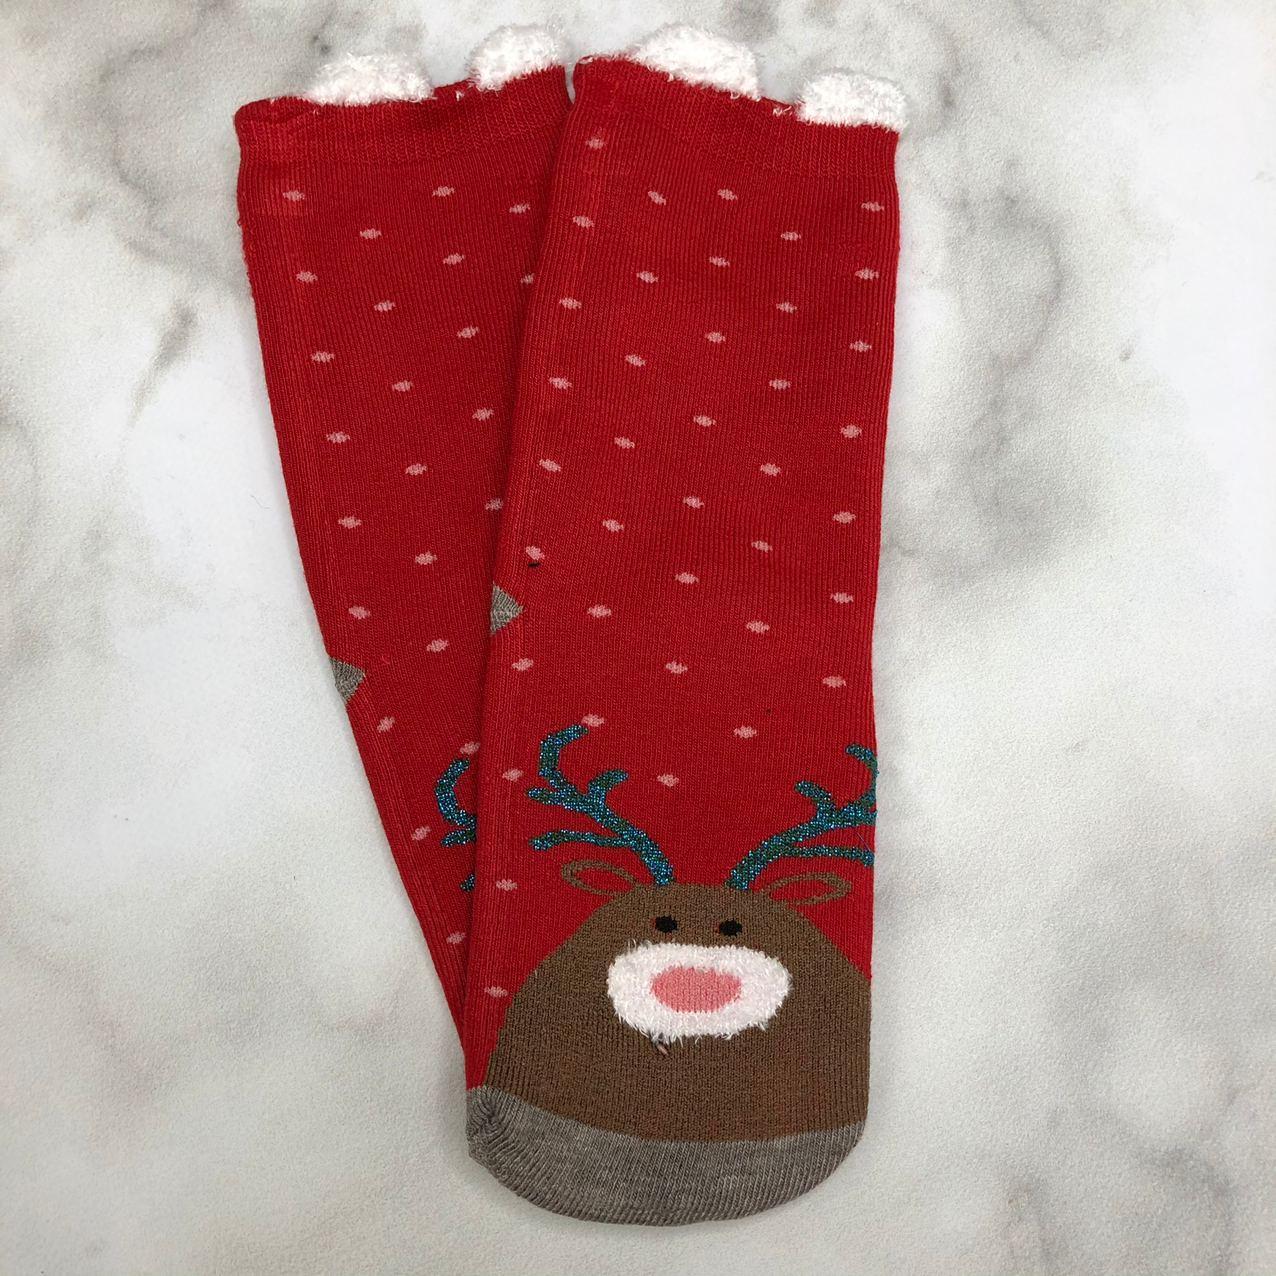 Носки Высокие Новогодние с ушками Женские Мужские Уют Новый Год Олень и Снежинки Красные 37-41